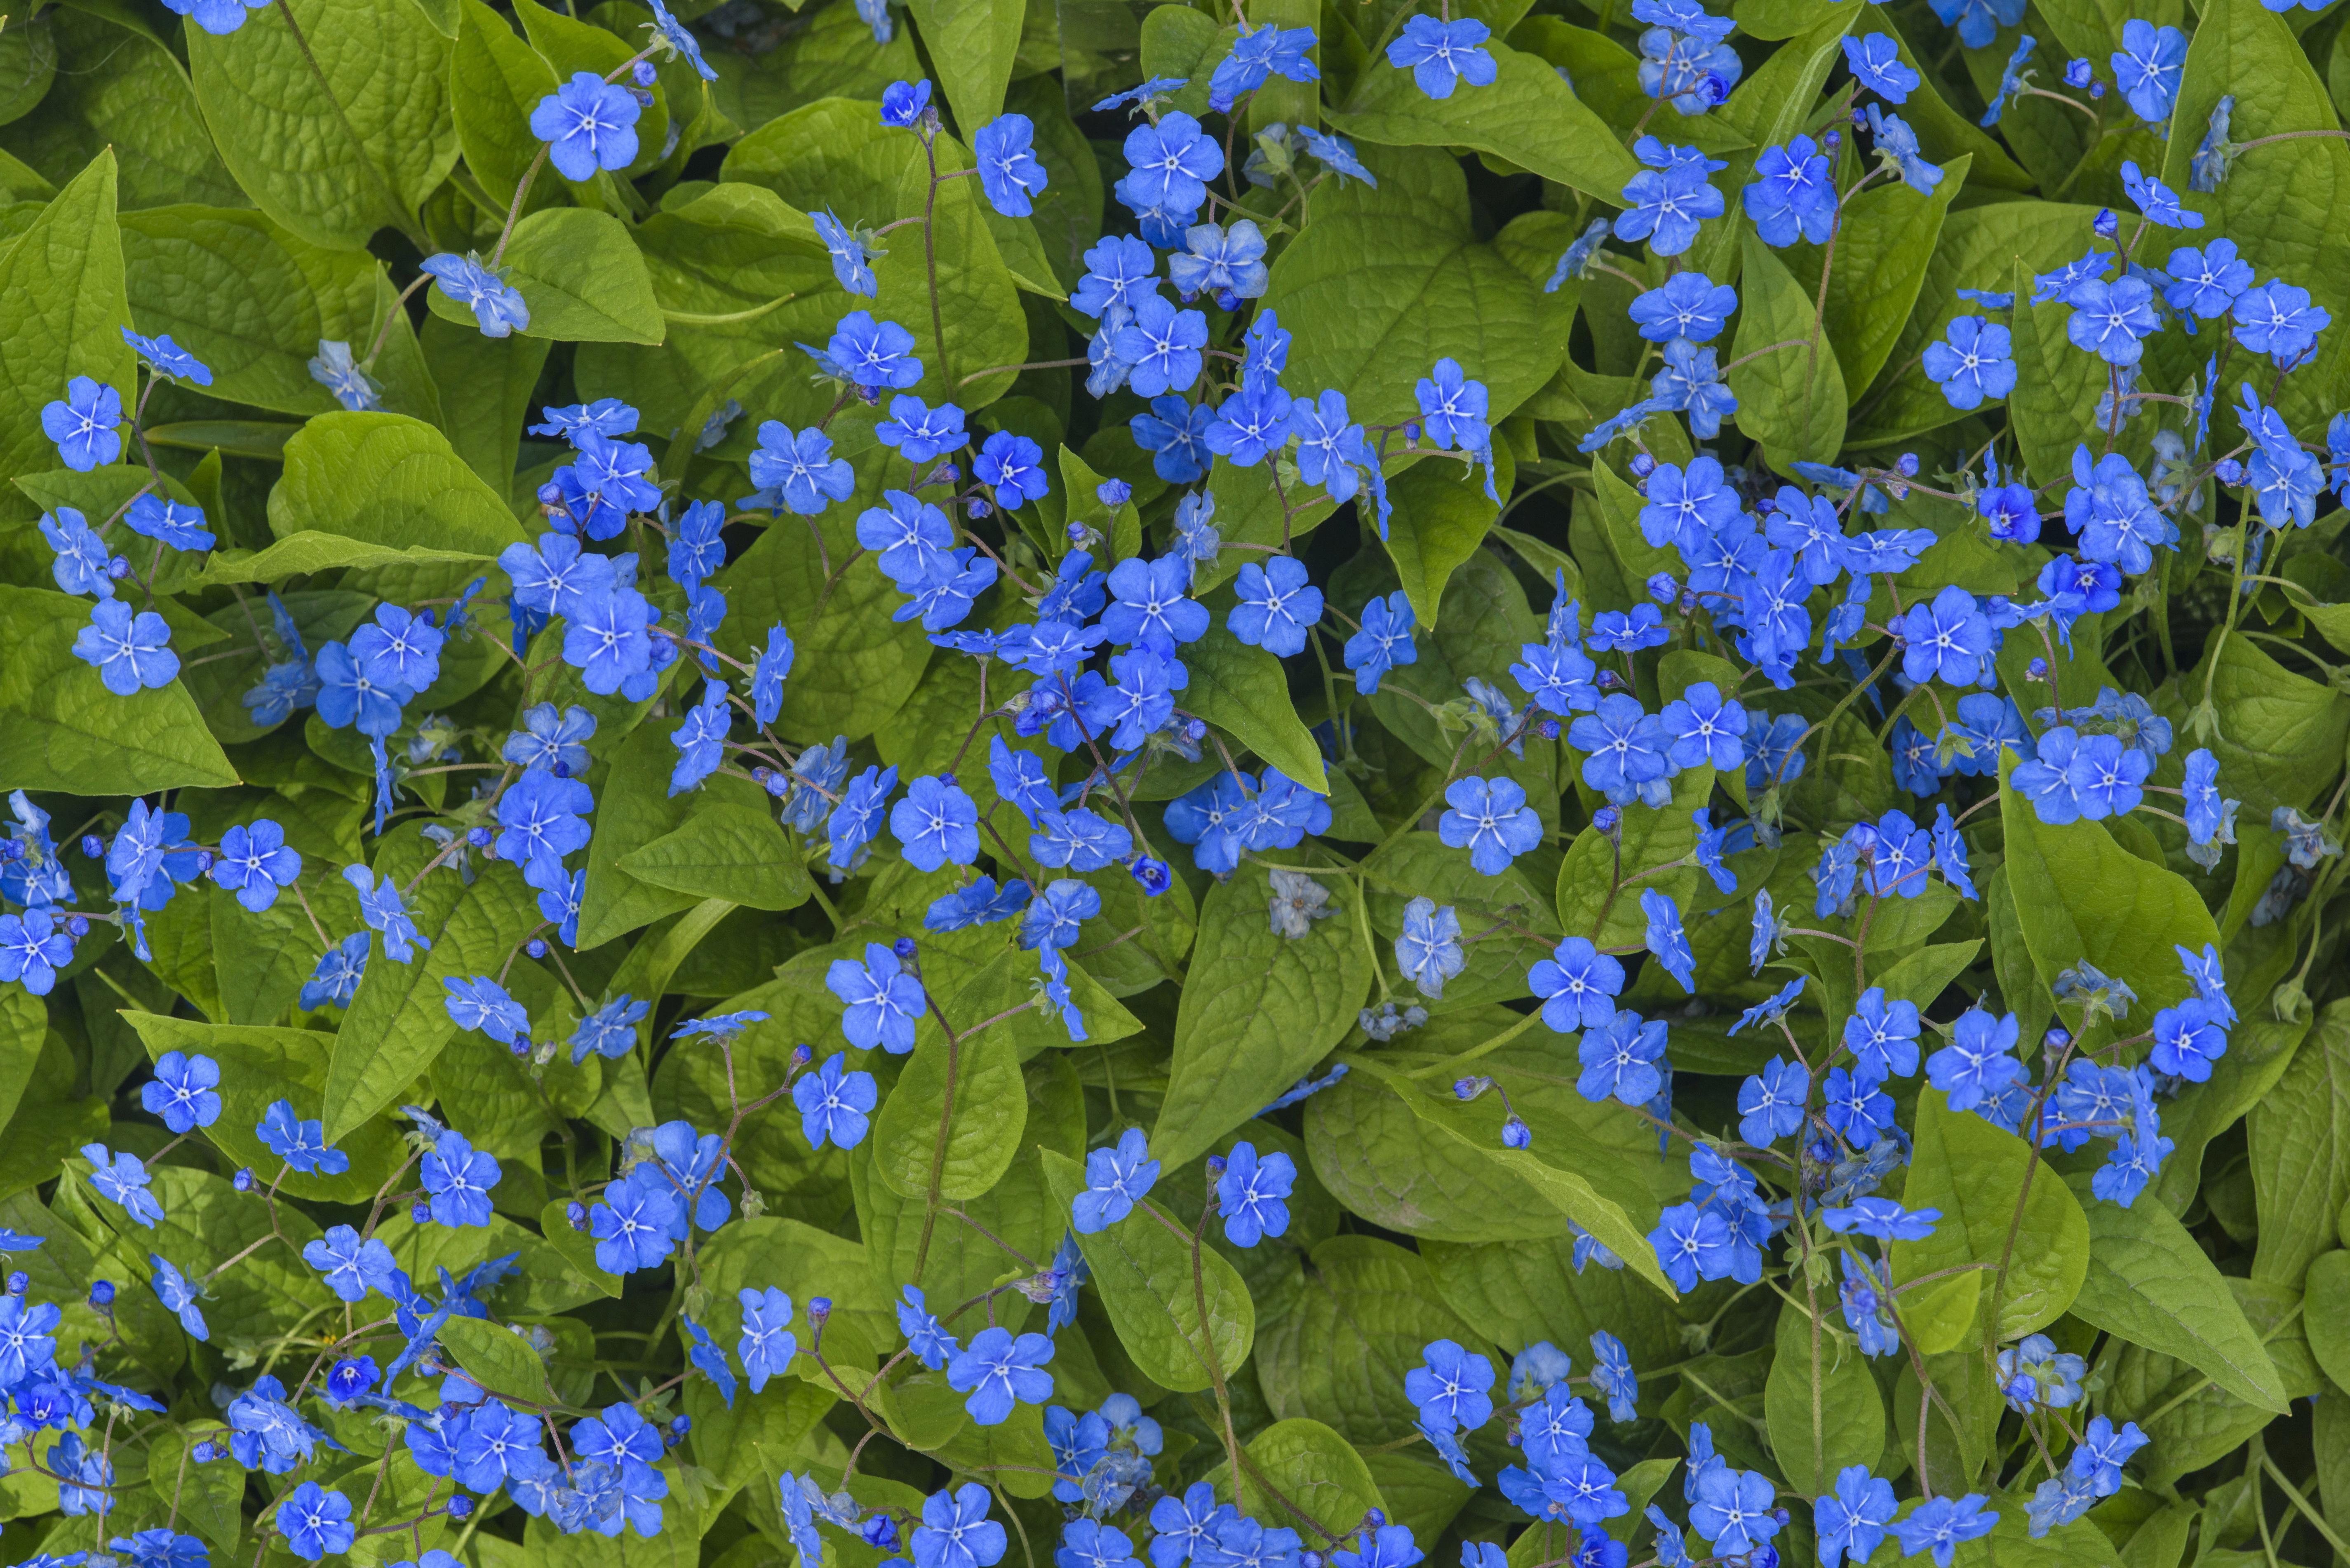 реставрации мелкие голубые цветы названия и фото героев саги